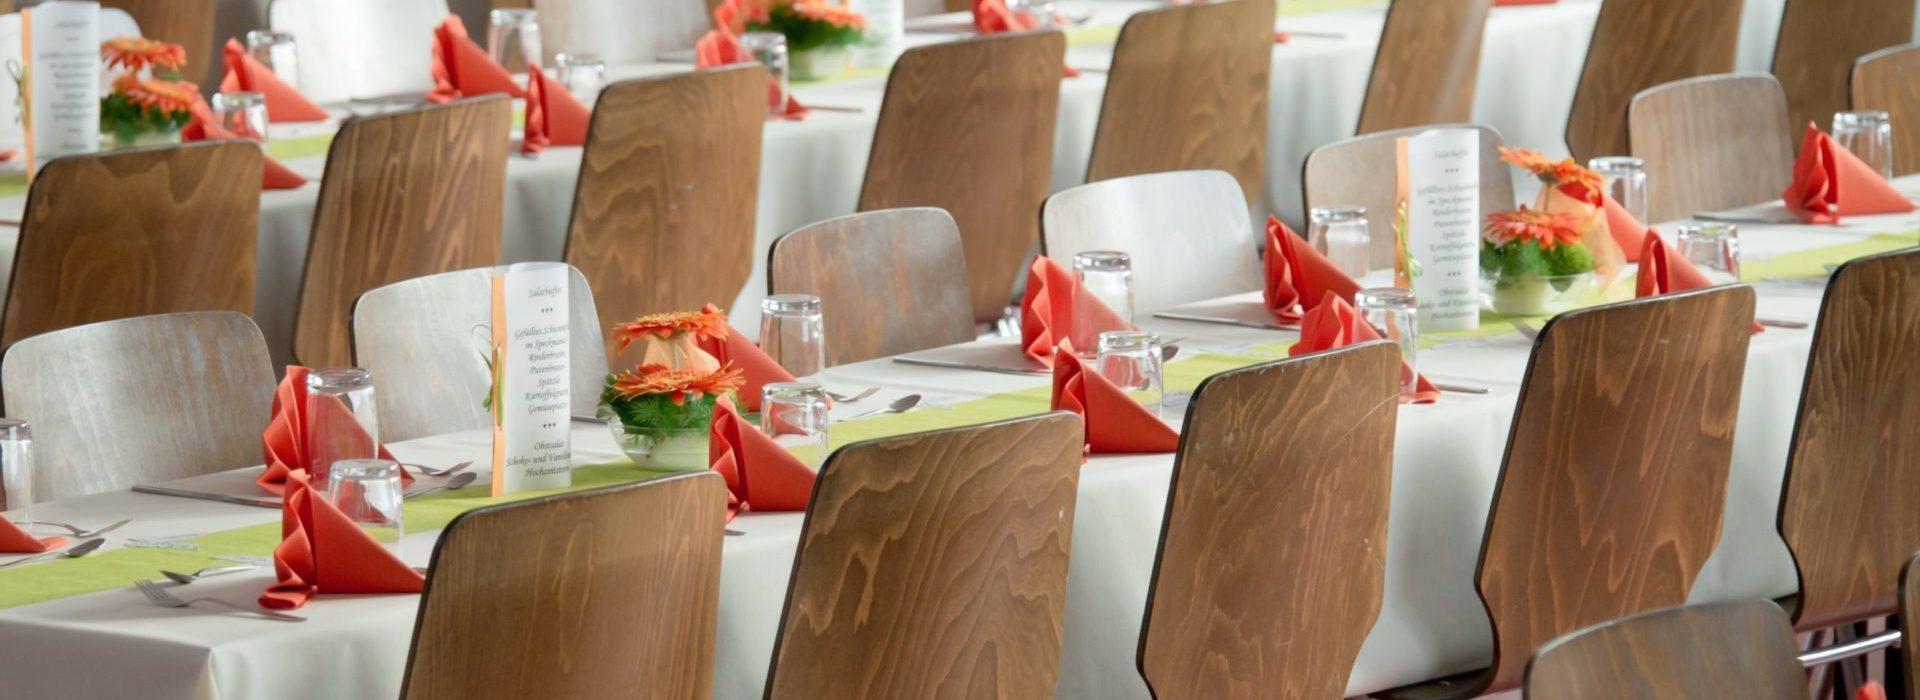 Sillas de madera alrededor de una mesa de banquete